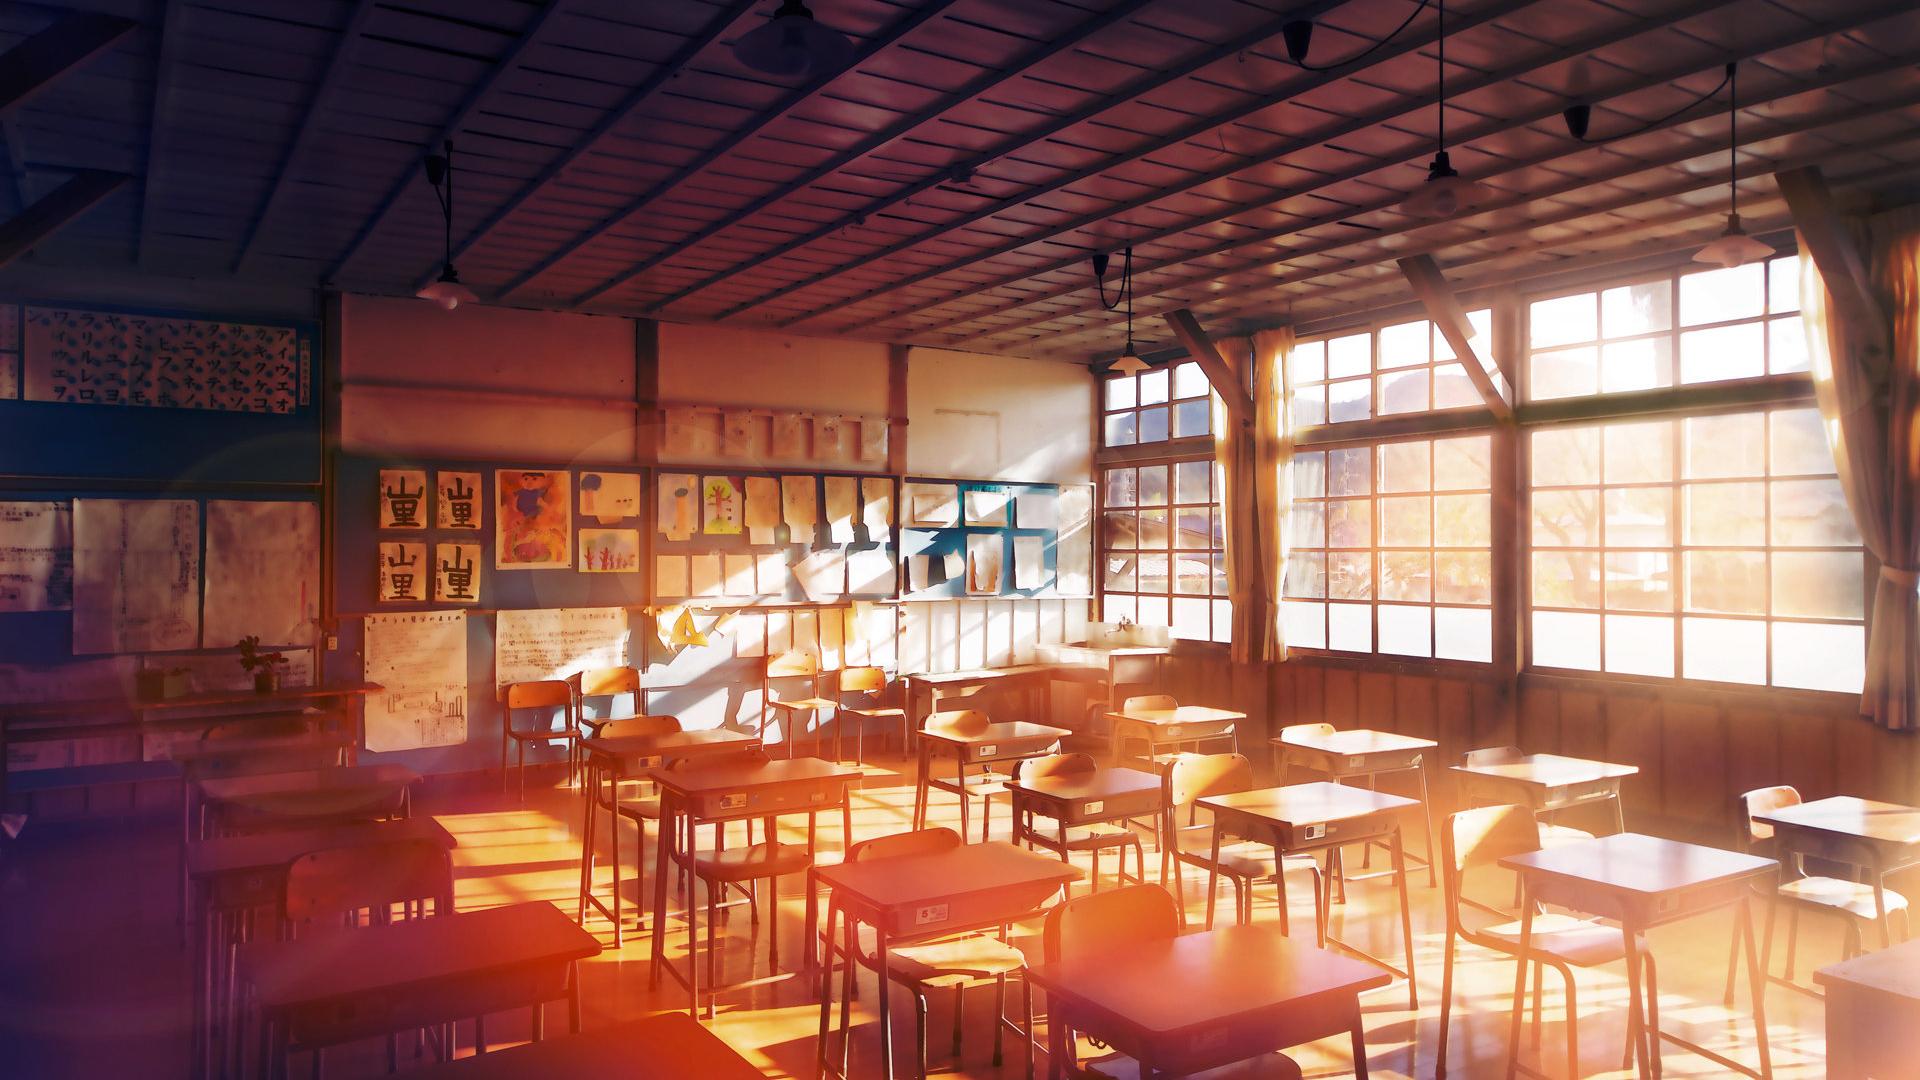 Scenic Empty Classroom Brings Nostalgia To Me 1920x1080 Amp